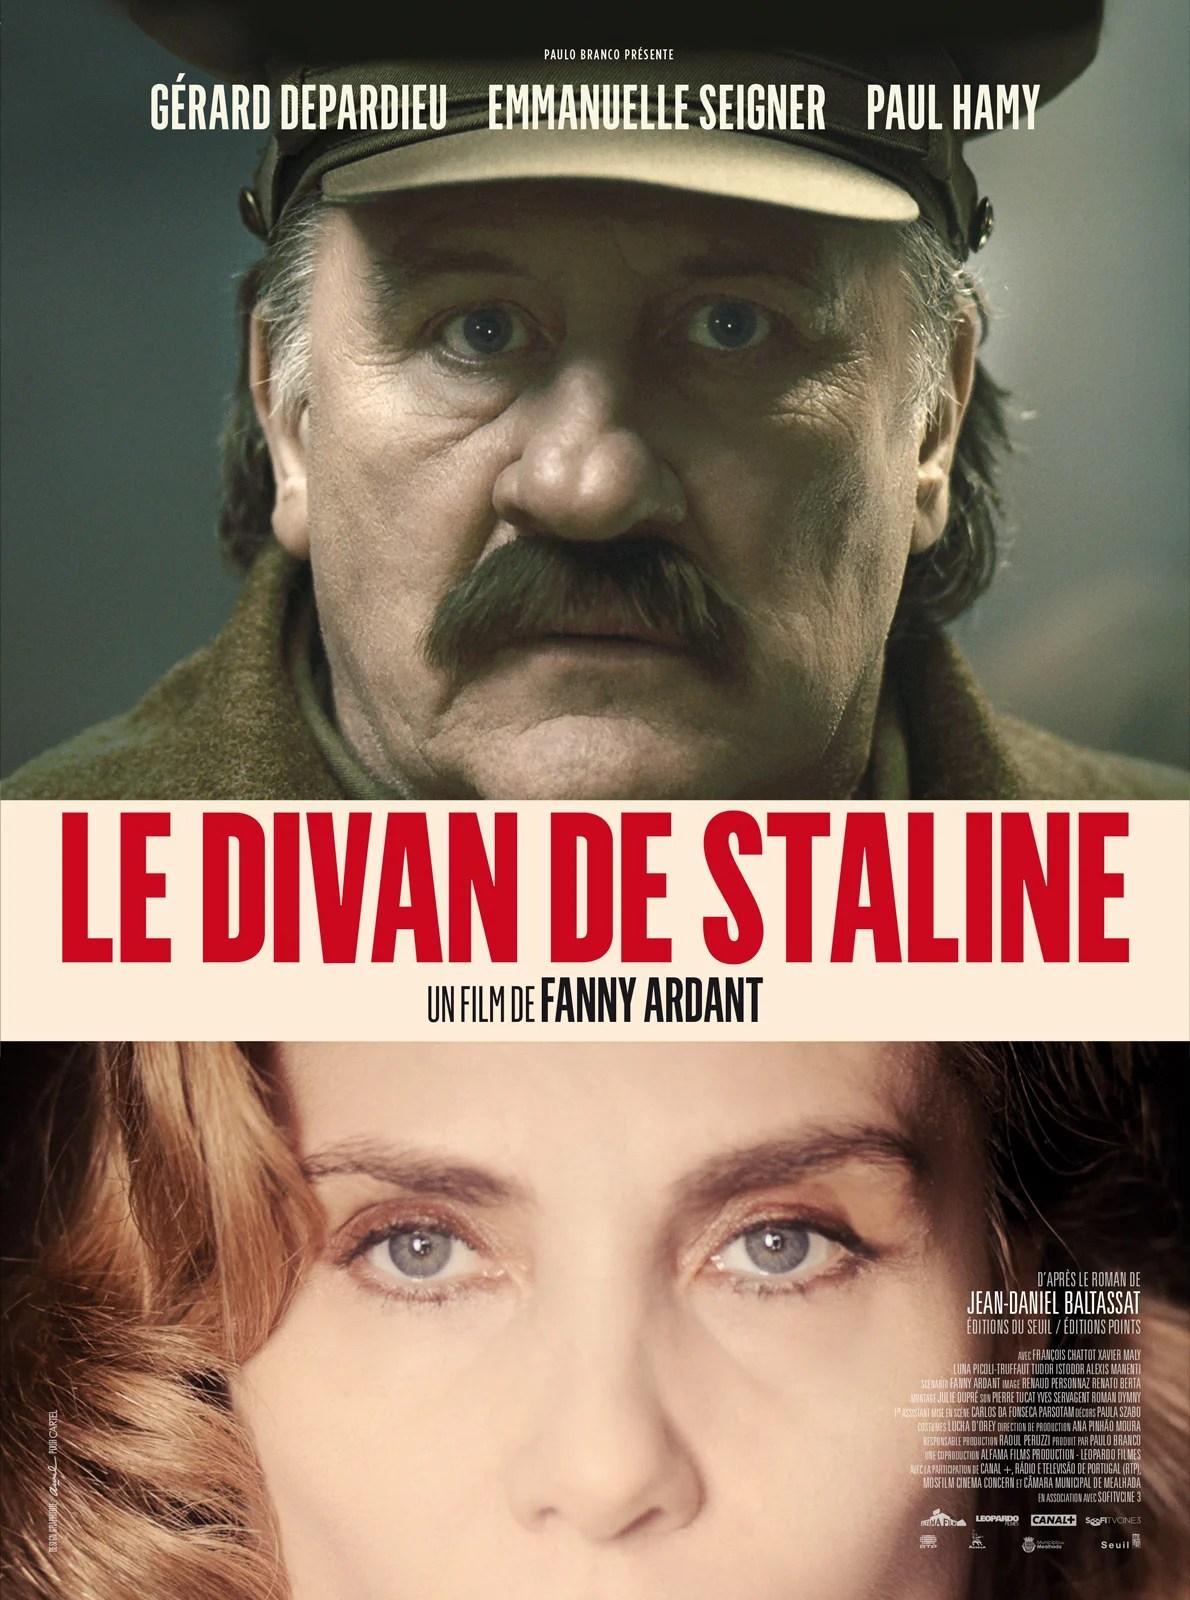 Le Divan de Staline